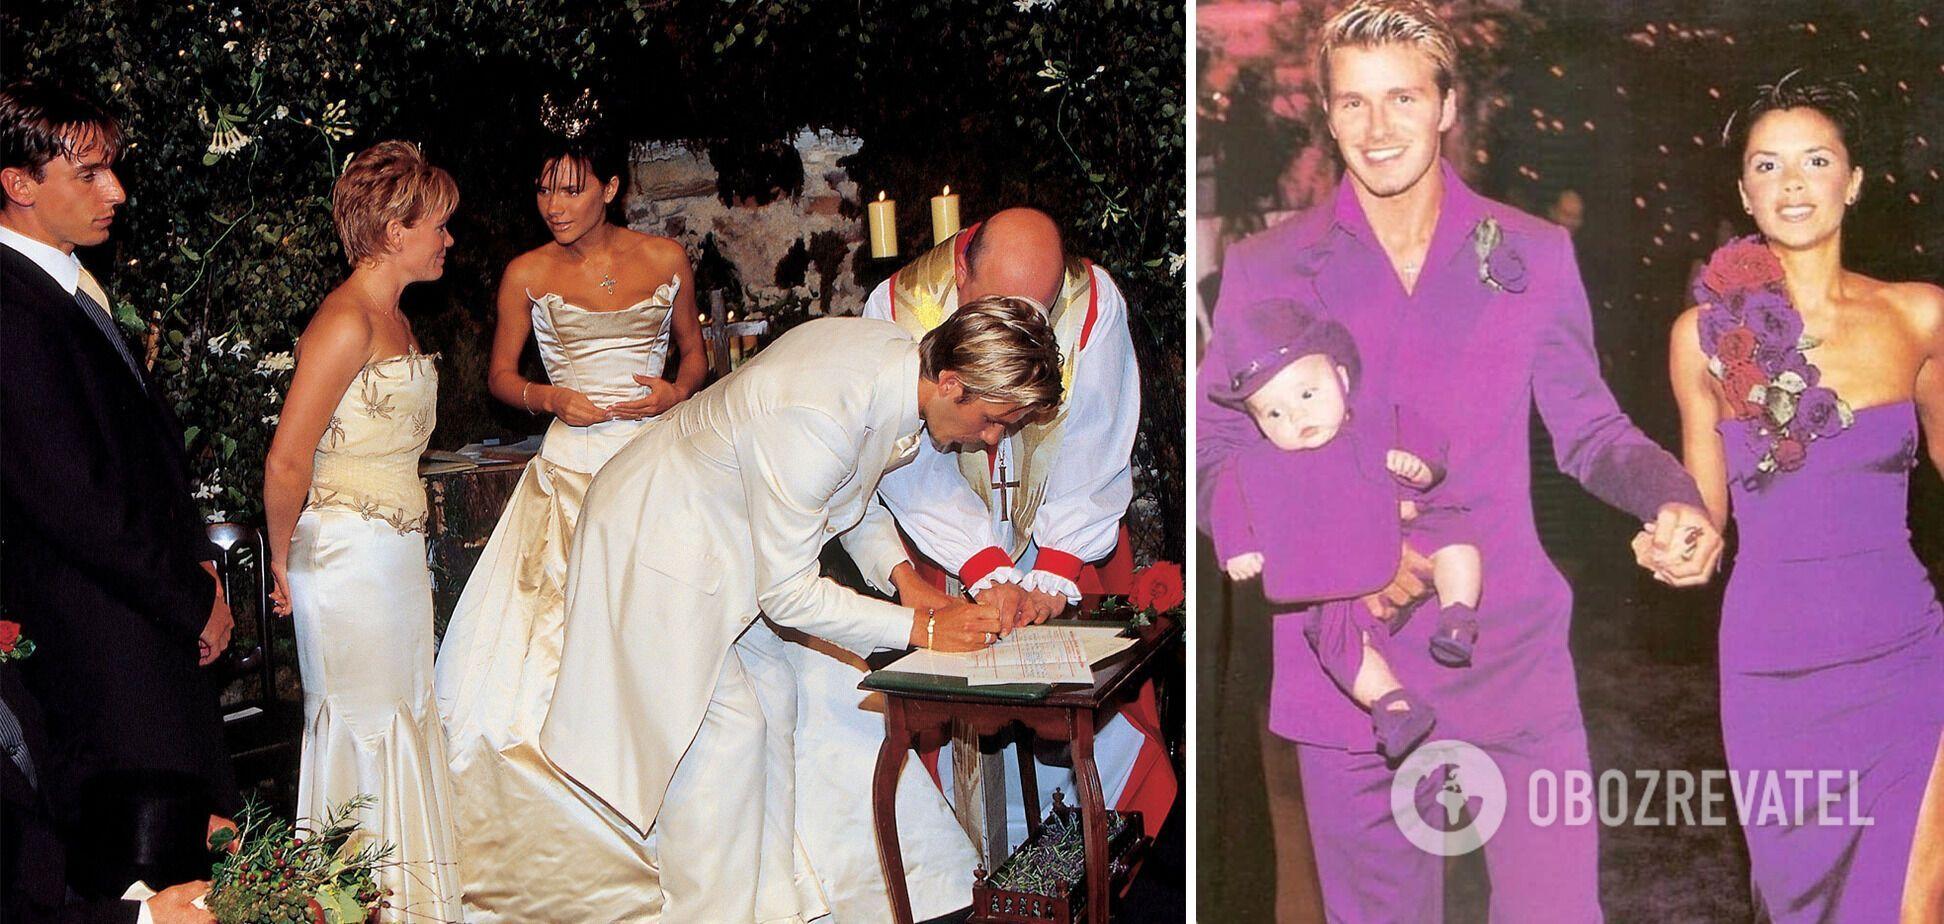 Весілля Девіда Бекхема і Вікторії Адамс у 1999 році.